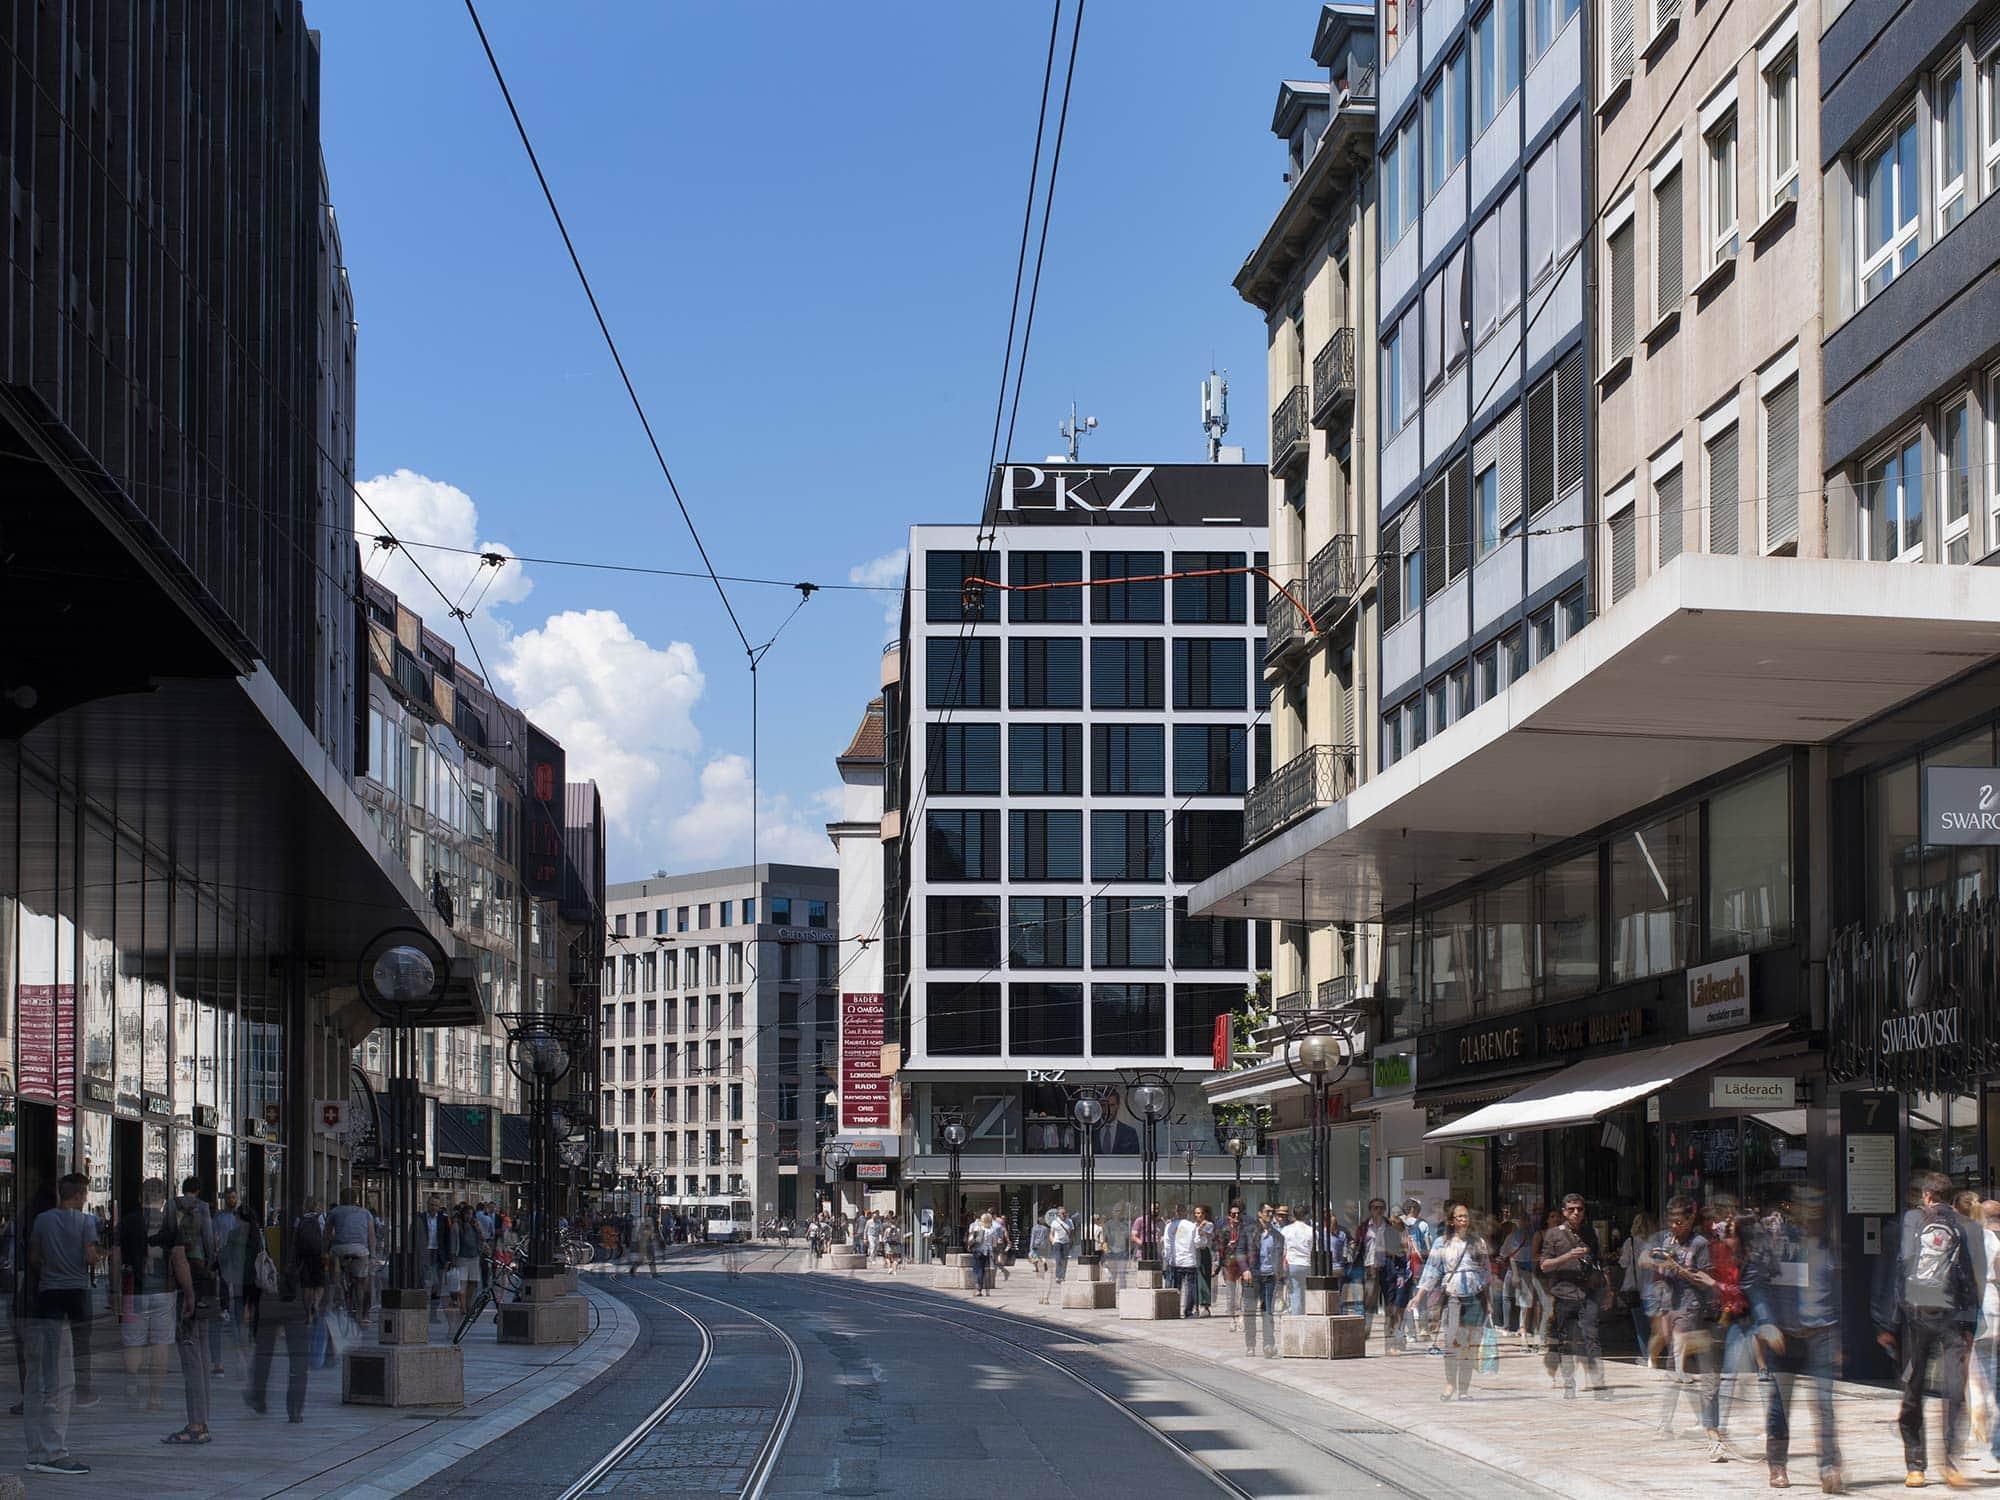 architecture avec une façade d'immeuble rénové photographié depuis un bout de rue